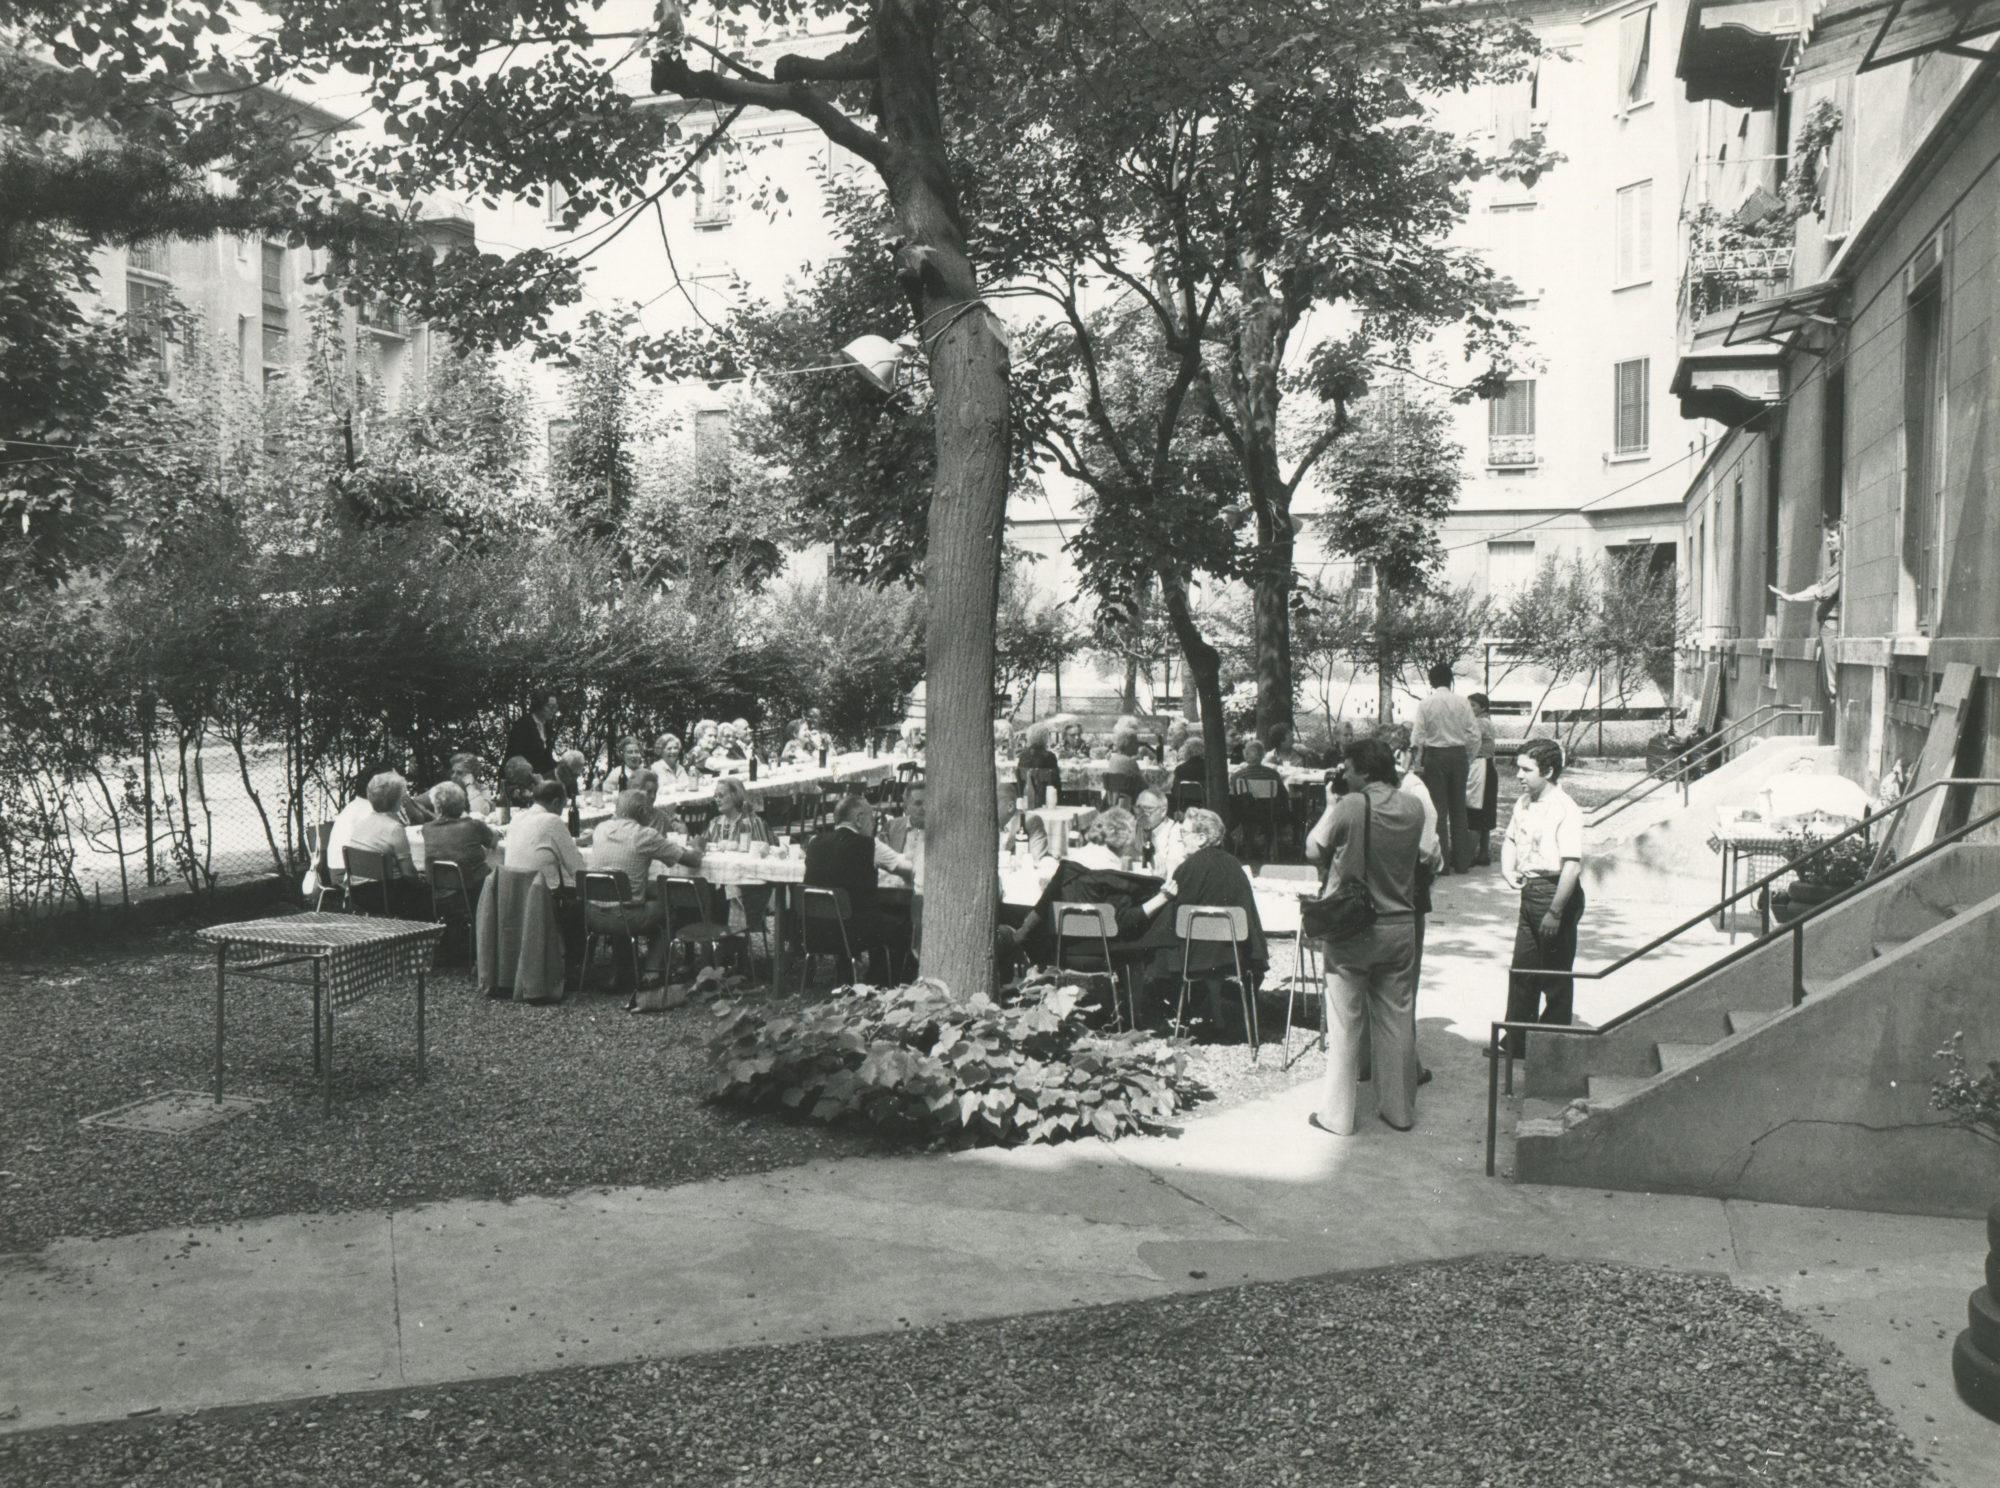 1981-rizzi-silvano-75esimo-anniversario-del-quartiere-solari-umanitaria_pranzo-per-gli-anziani